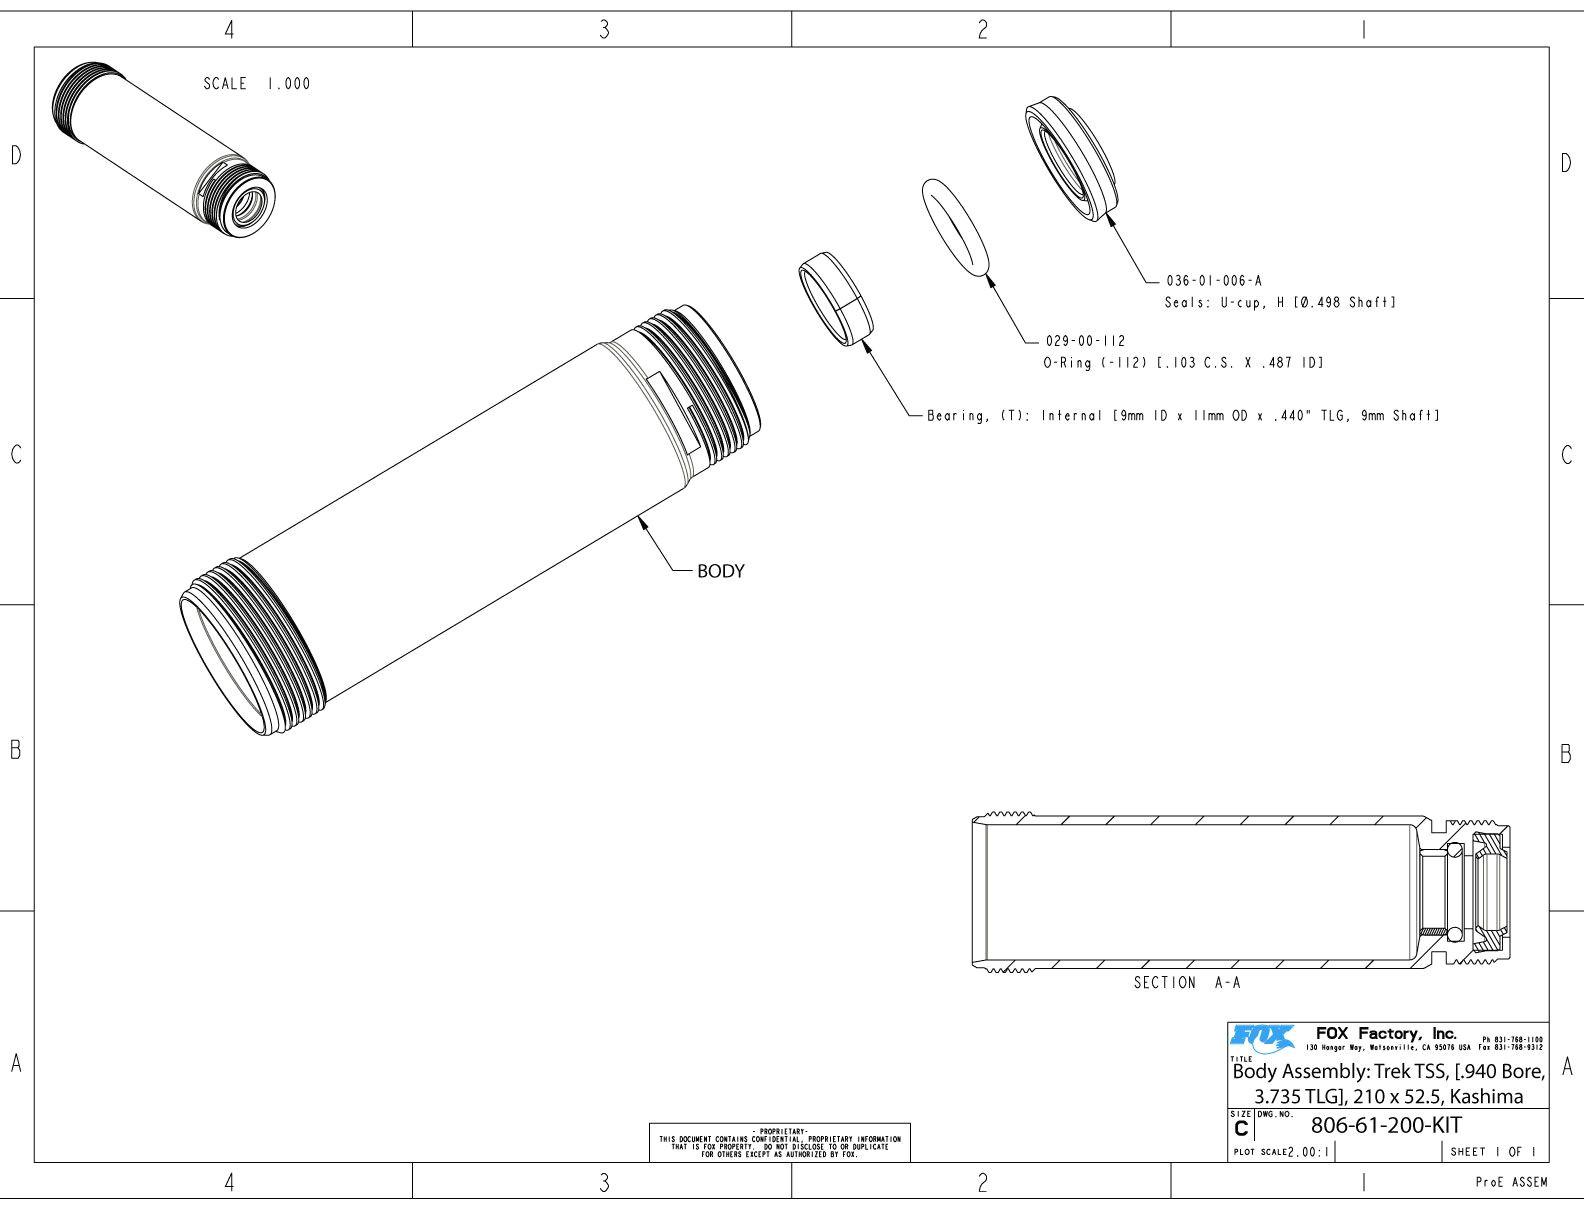 806 61 200 kit body assembly trek tss 940 bore 3 735 tlg 210 x 52 5 kashima